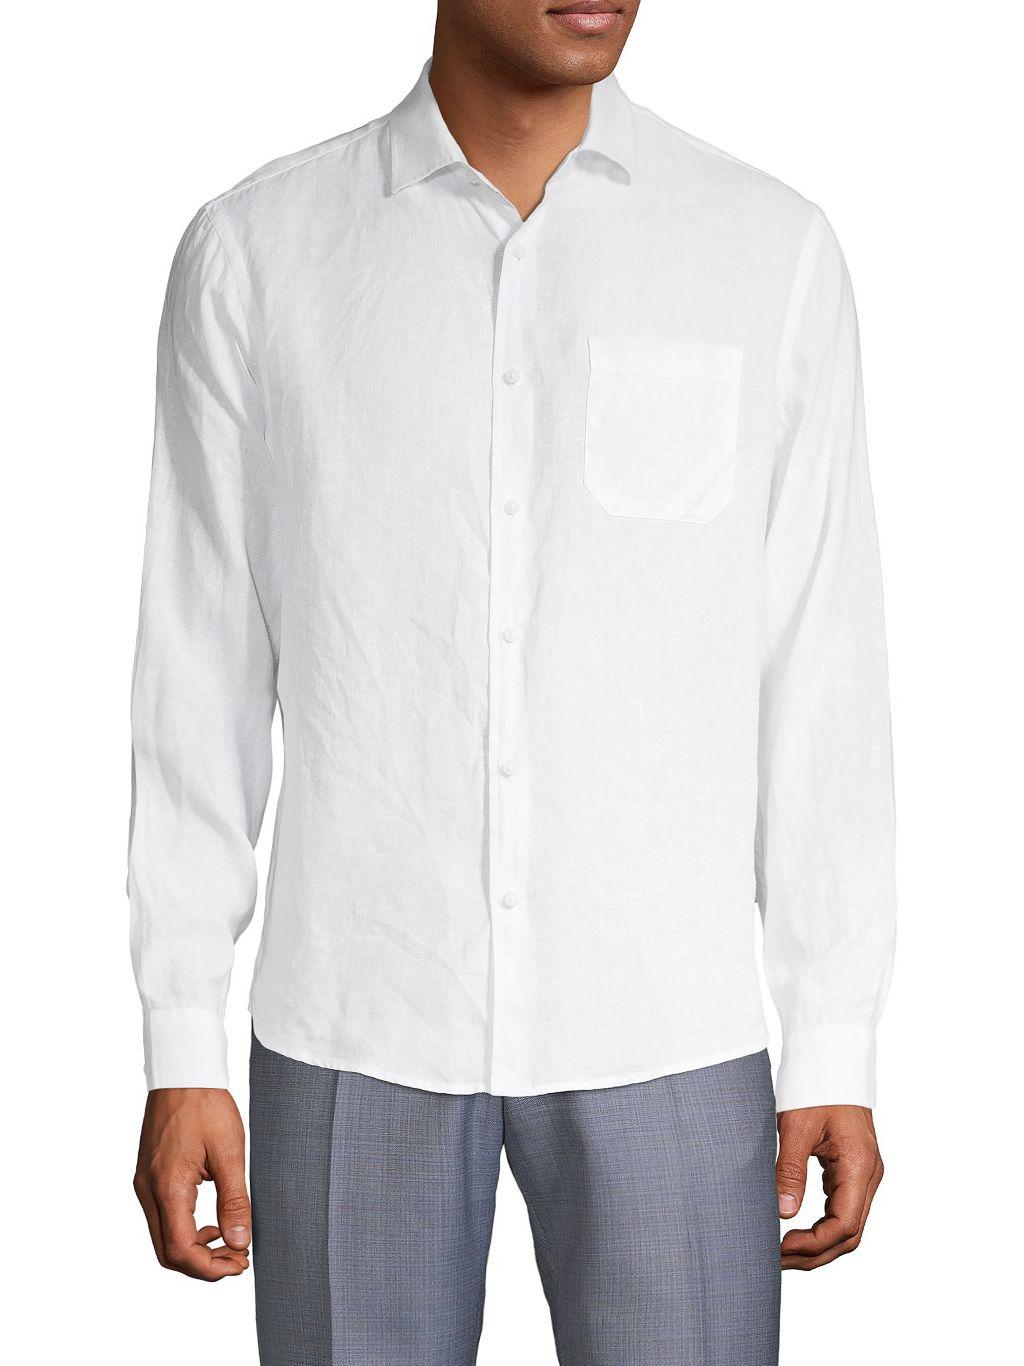 Saks Fifth Avenue Spread Collar Linen Button-Down Shirt